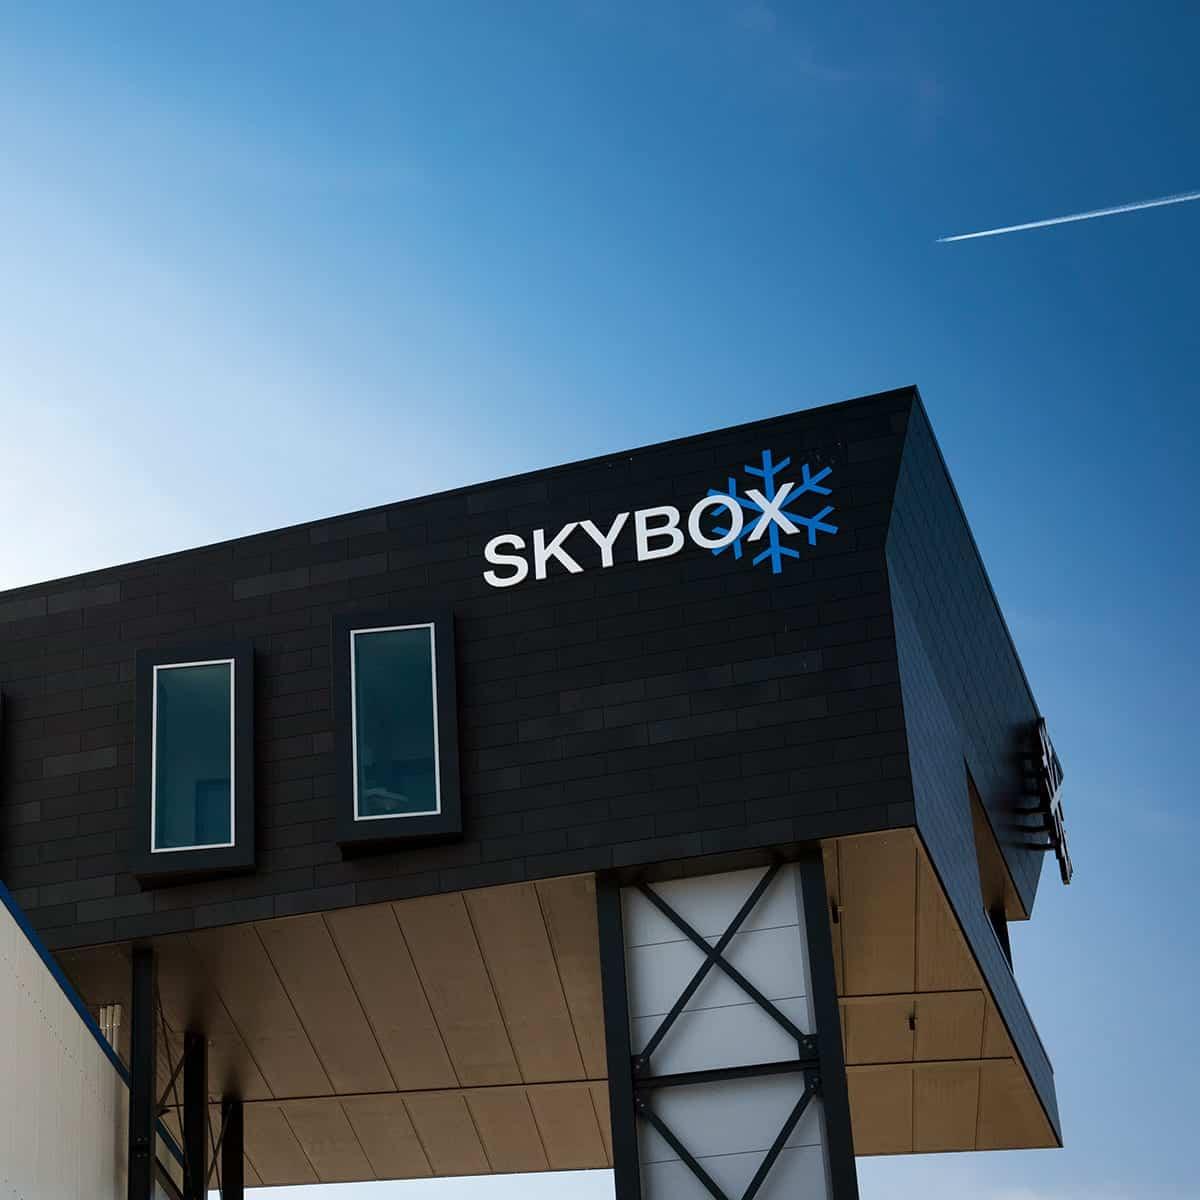 Duurzame high tech voor vis én skybox